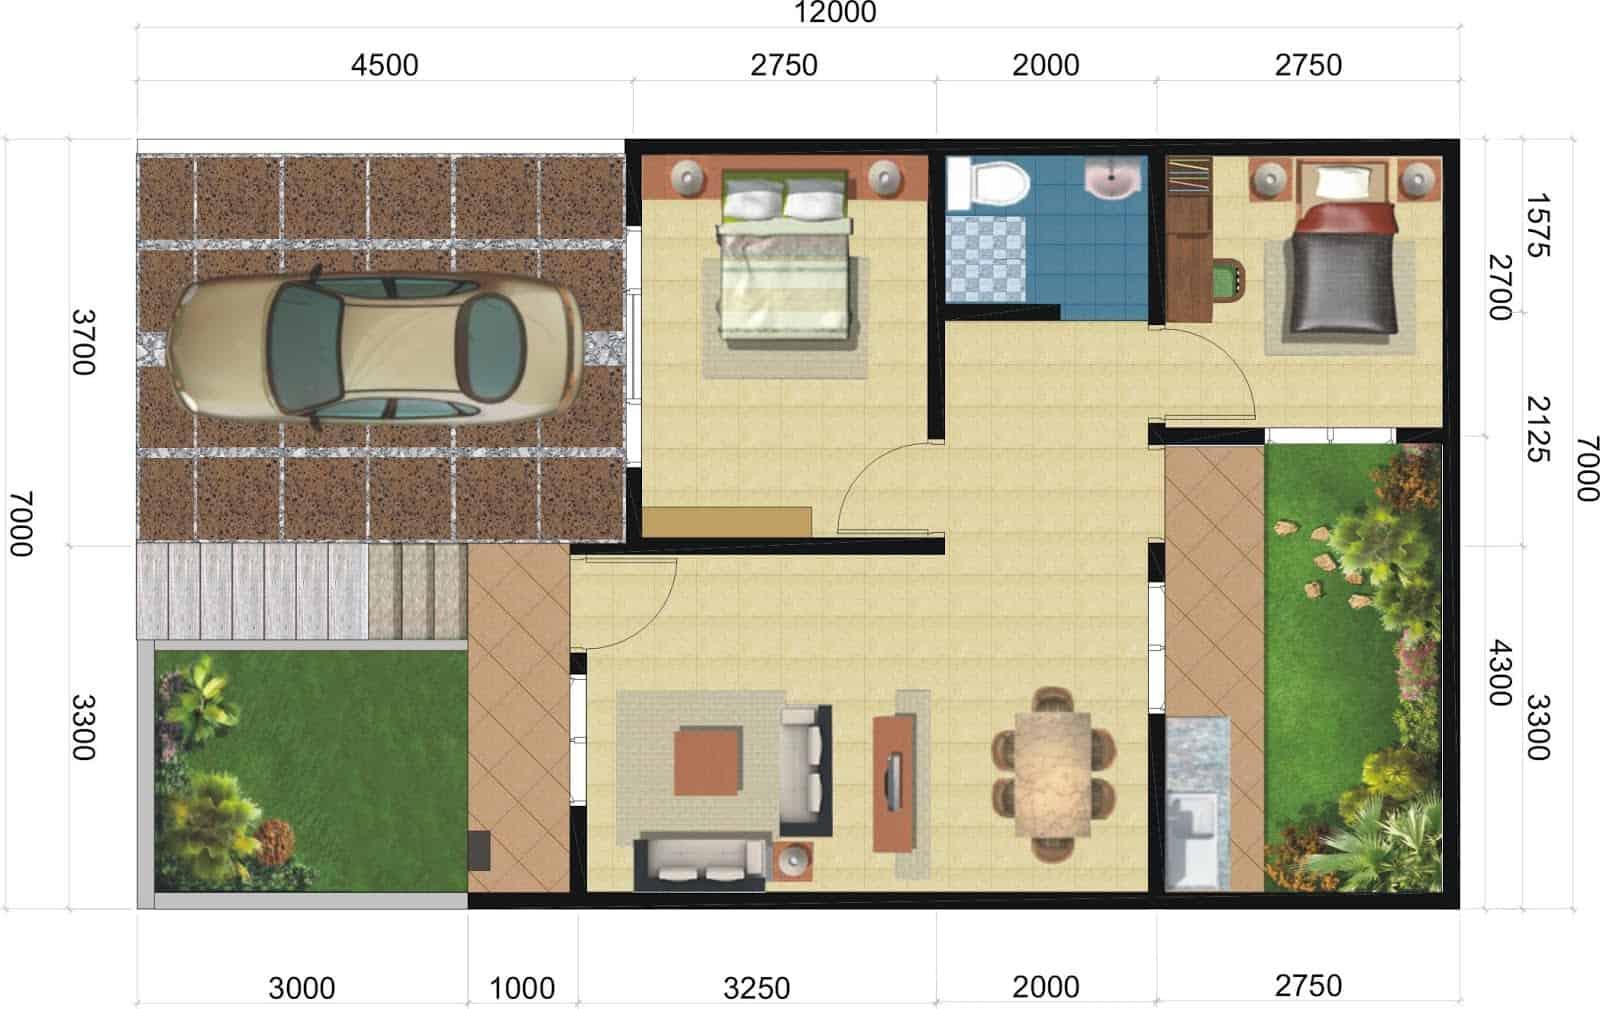 Desain Rumah Type 60 RumahLiacom